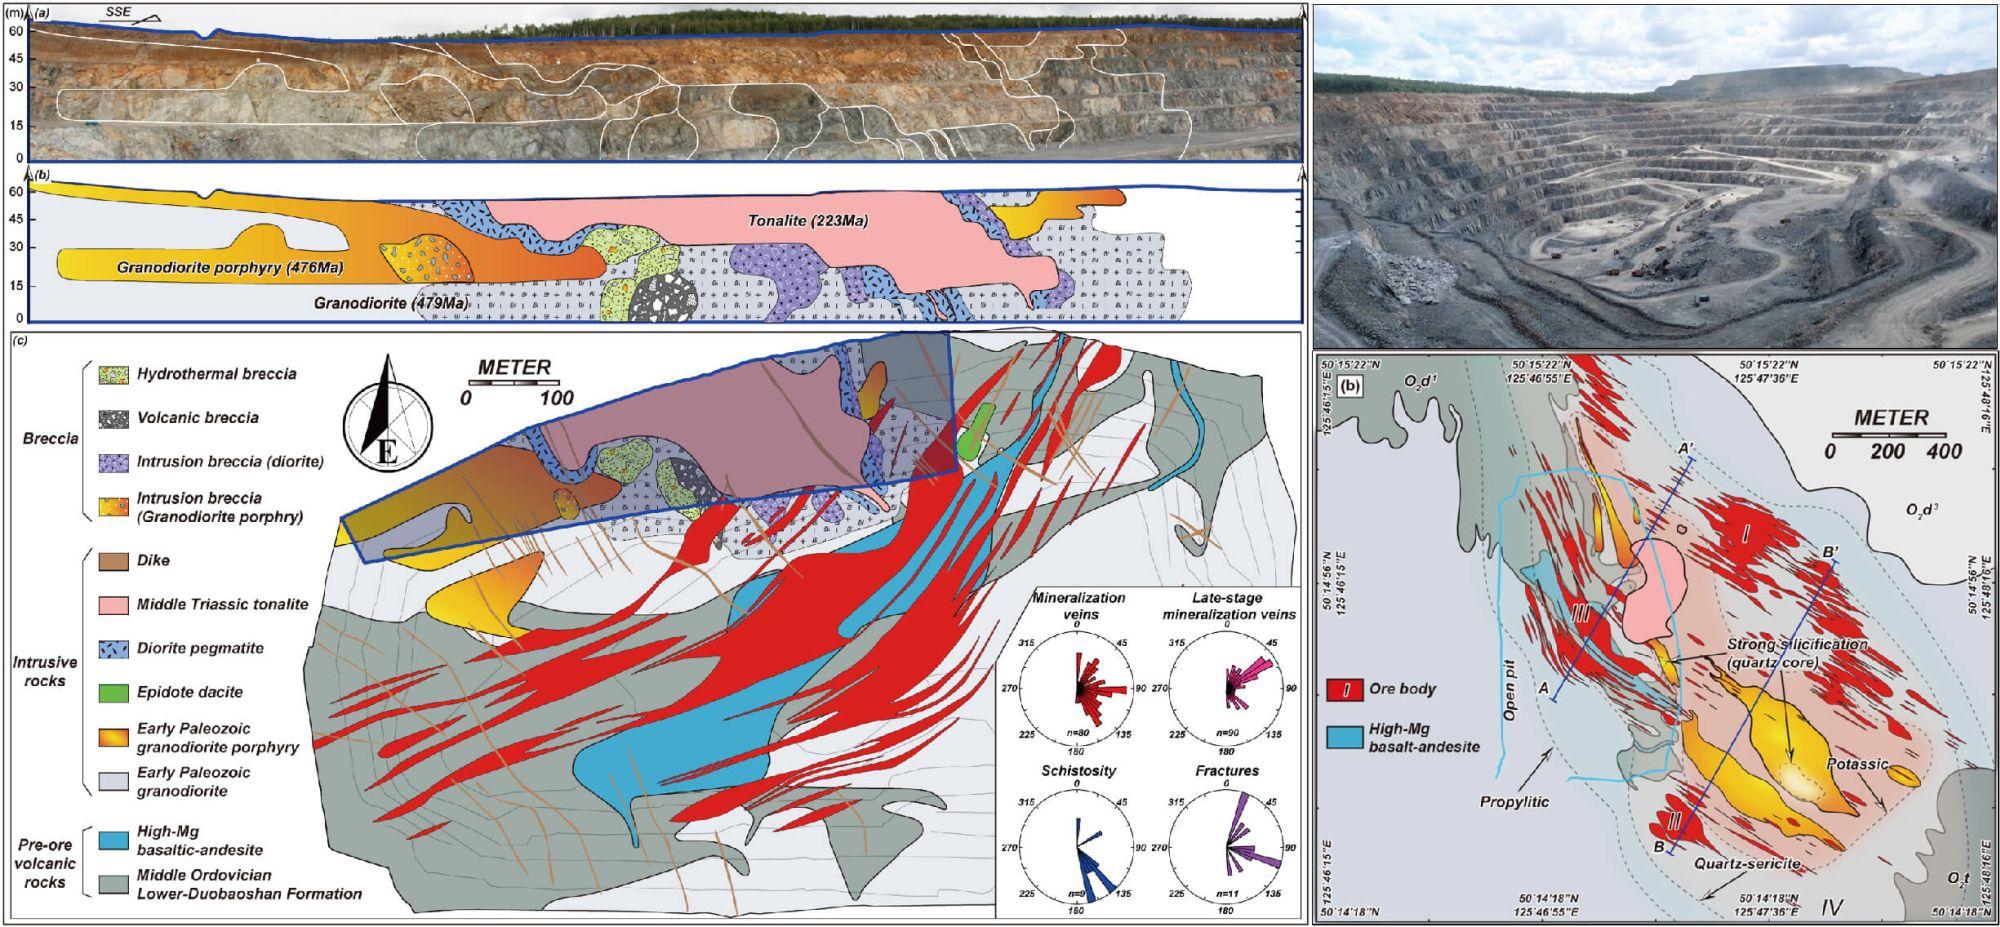 地质地球所揭示黑龙江多宝山斑岩铜矿床多期岩浆作用对斑岩成矿及构造背景的指示意义